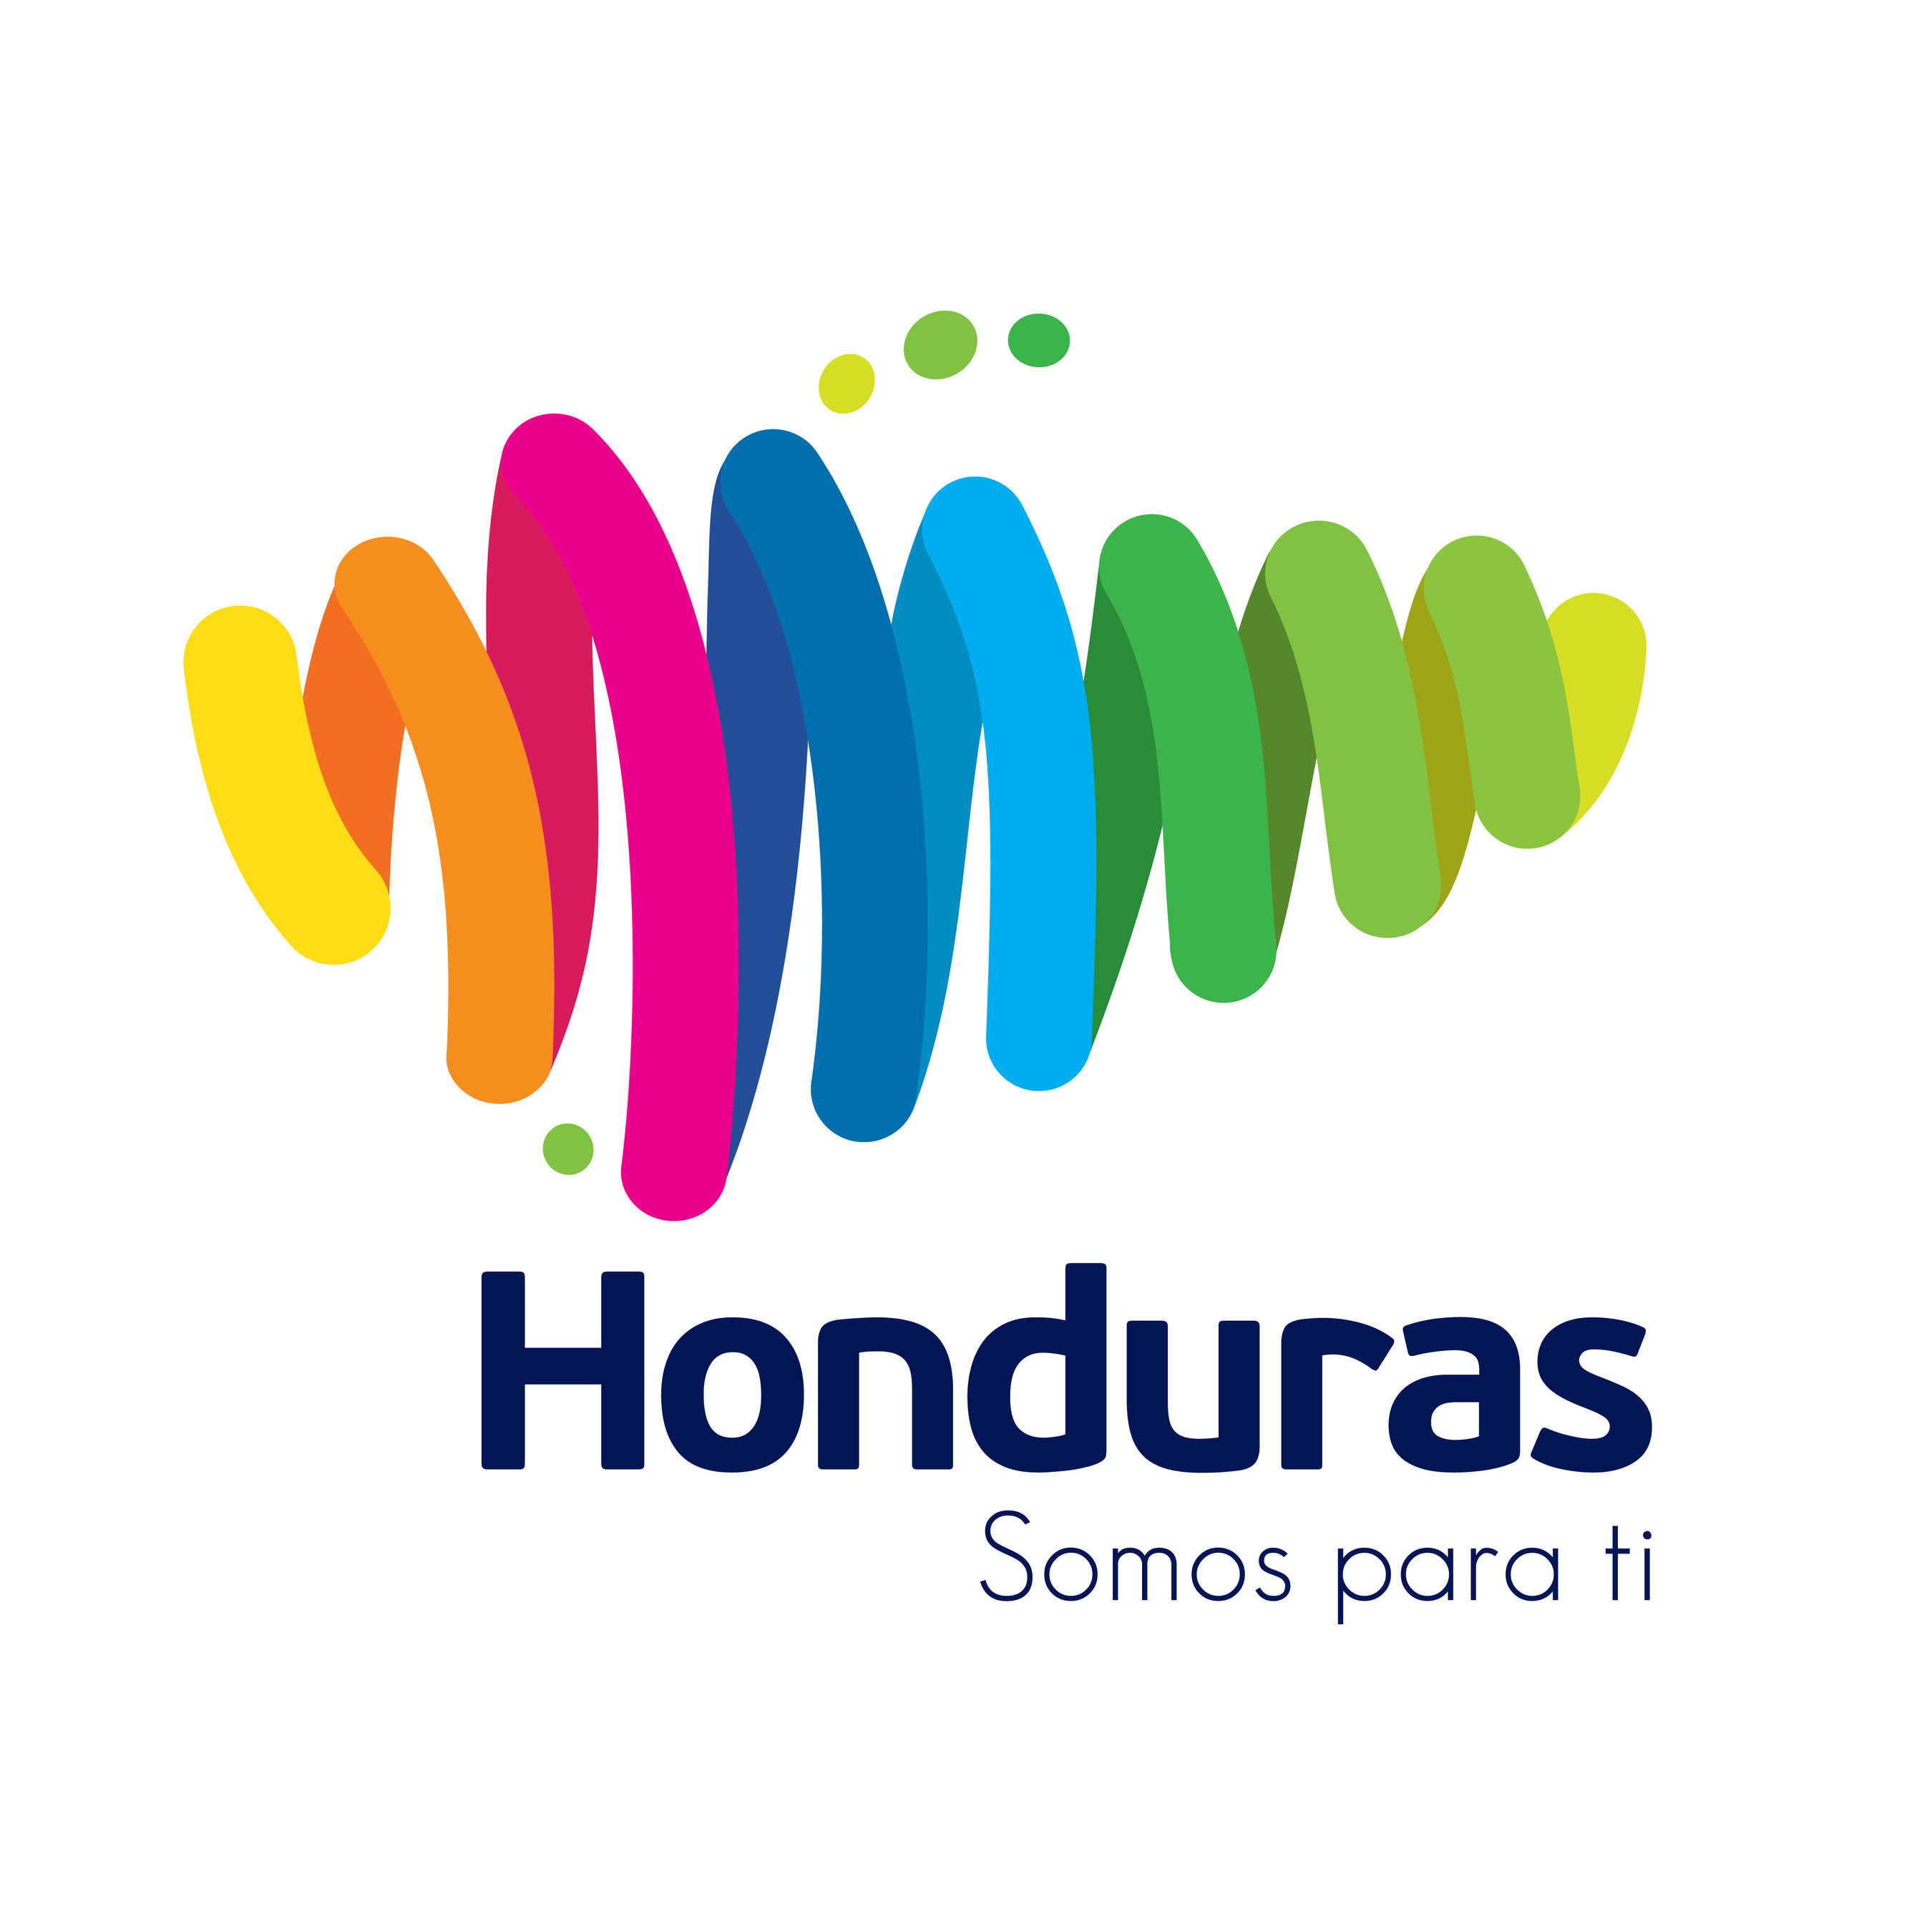 """Honduras official country brand logo. """"Honduras: Somos para ti"""" (Honduras: We are for you)"""